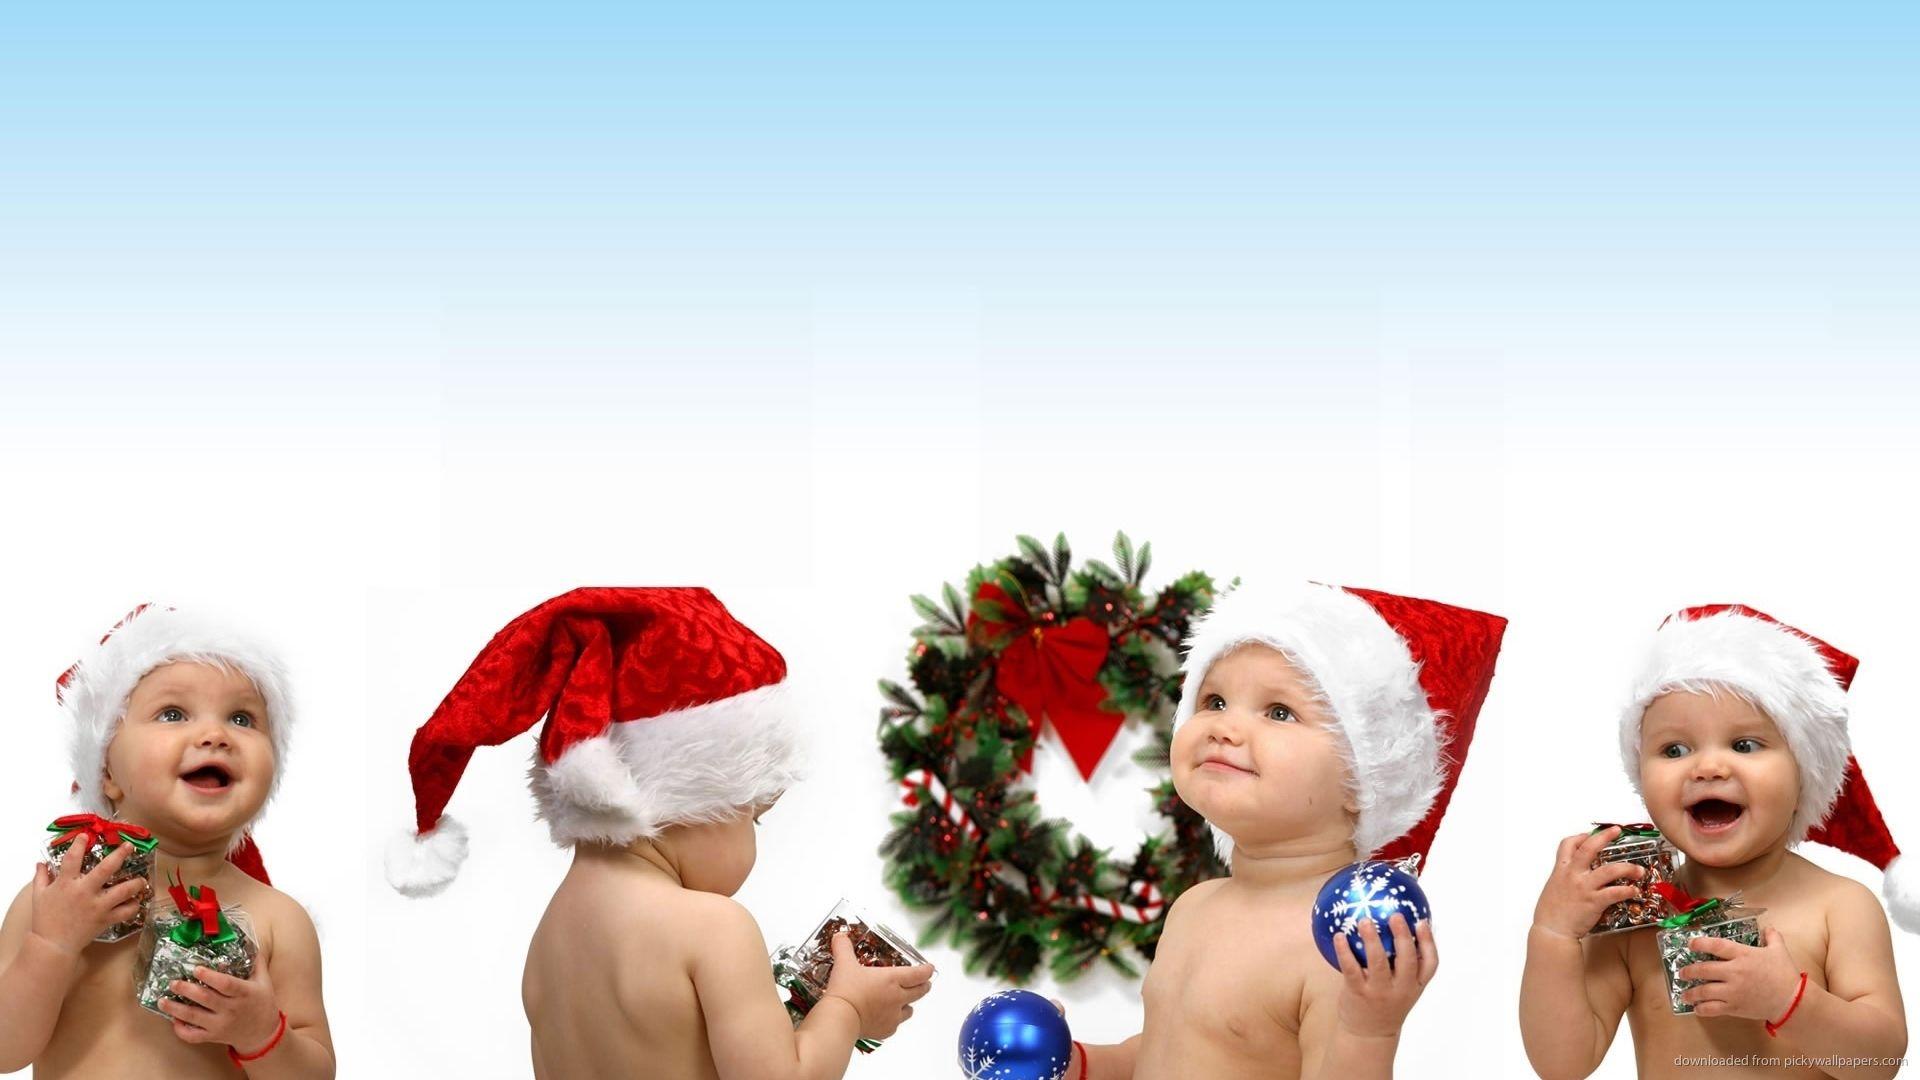 kids at Christmas | Christmas kids for 1920x1080 | Christmas ...